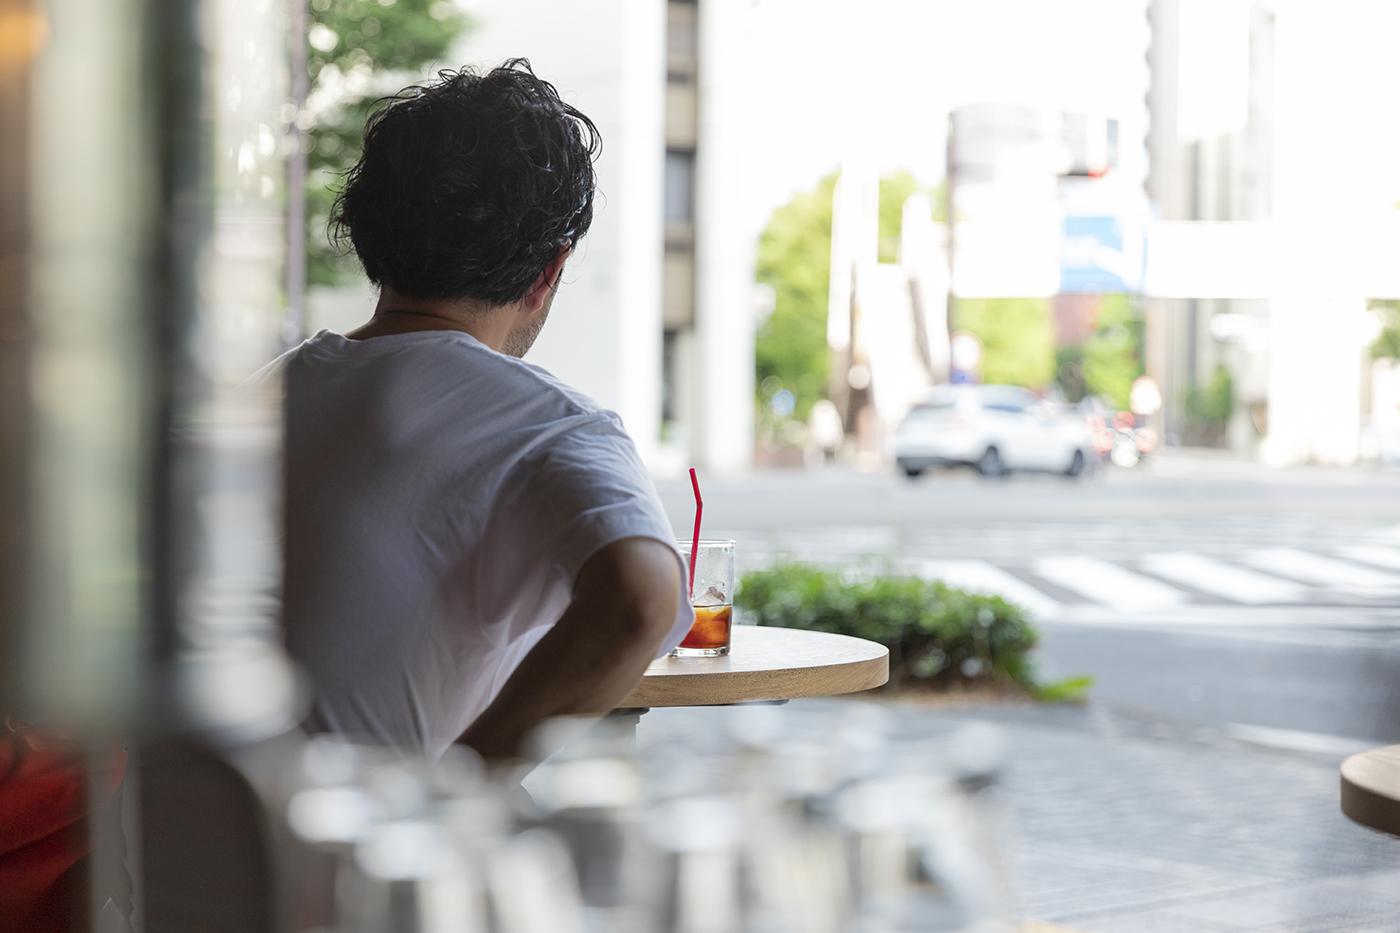 仙台のカフェ「HEY」のオーナー和泉さんの背中